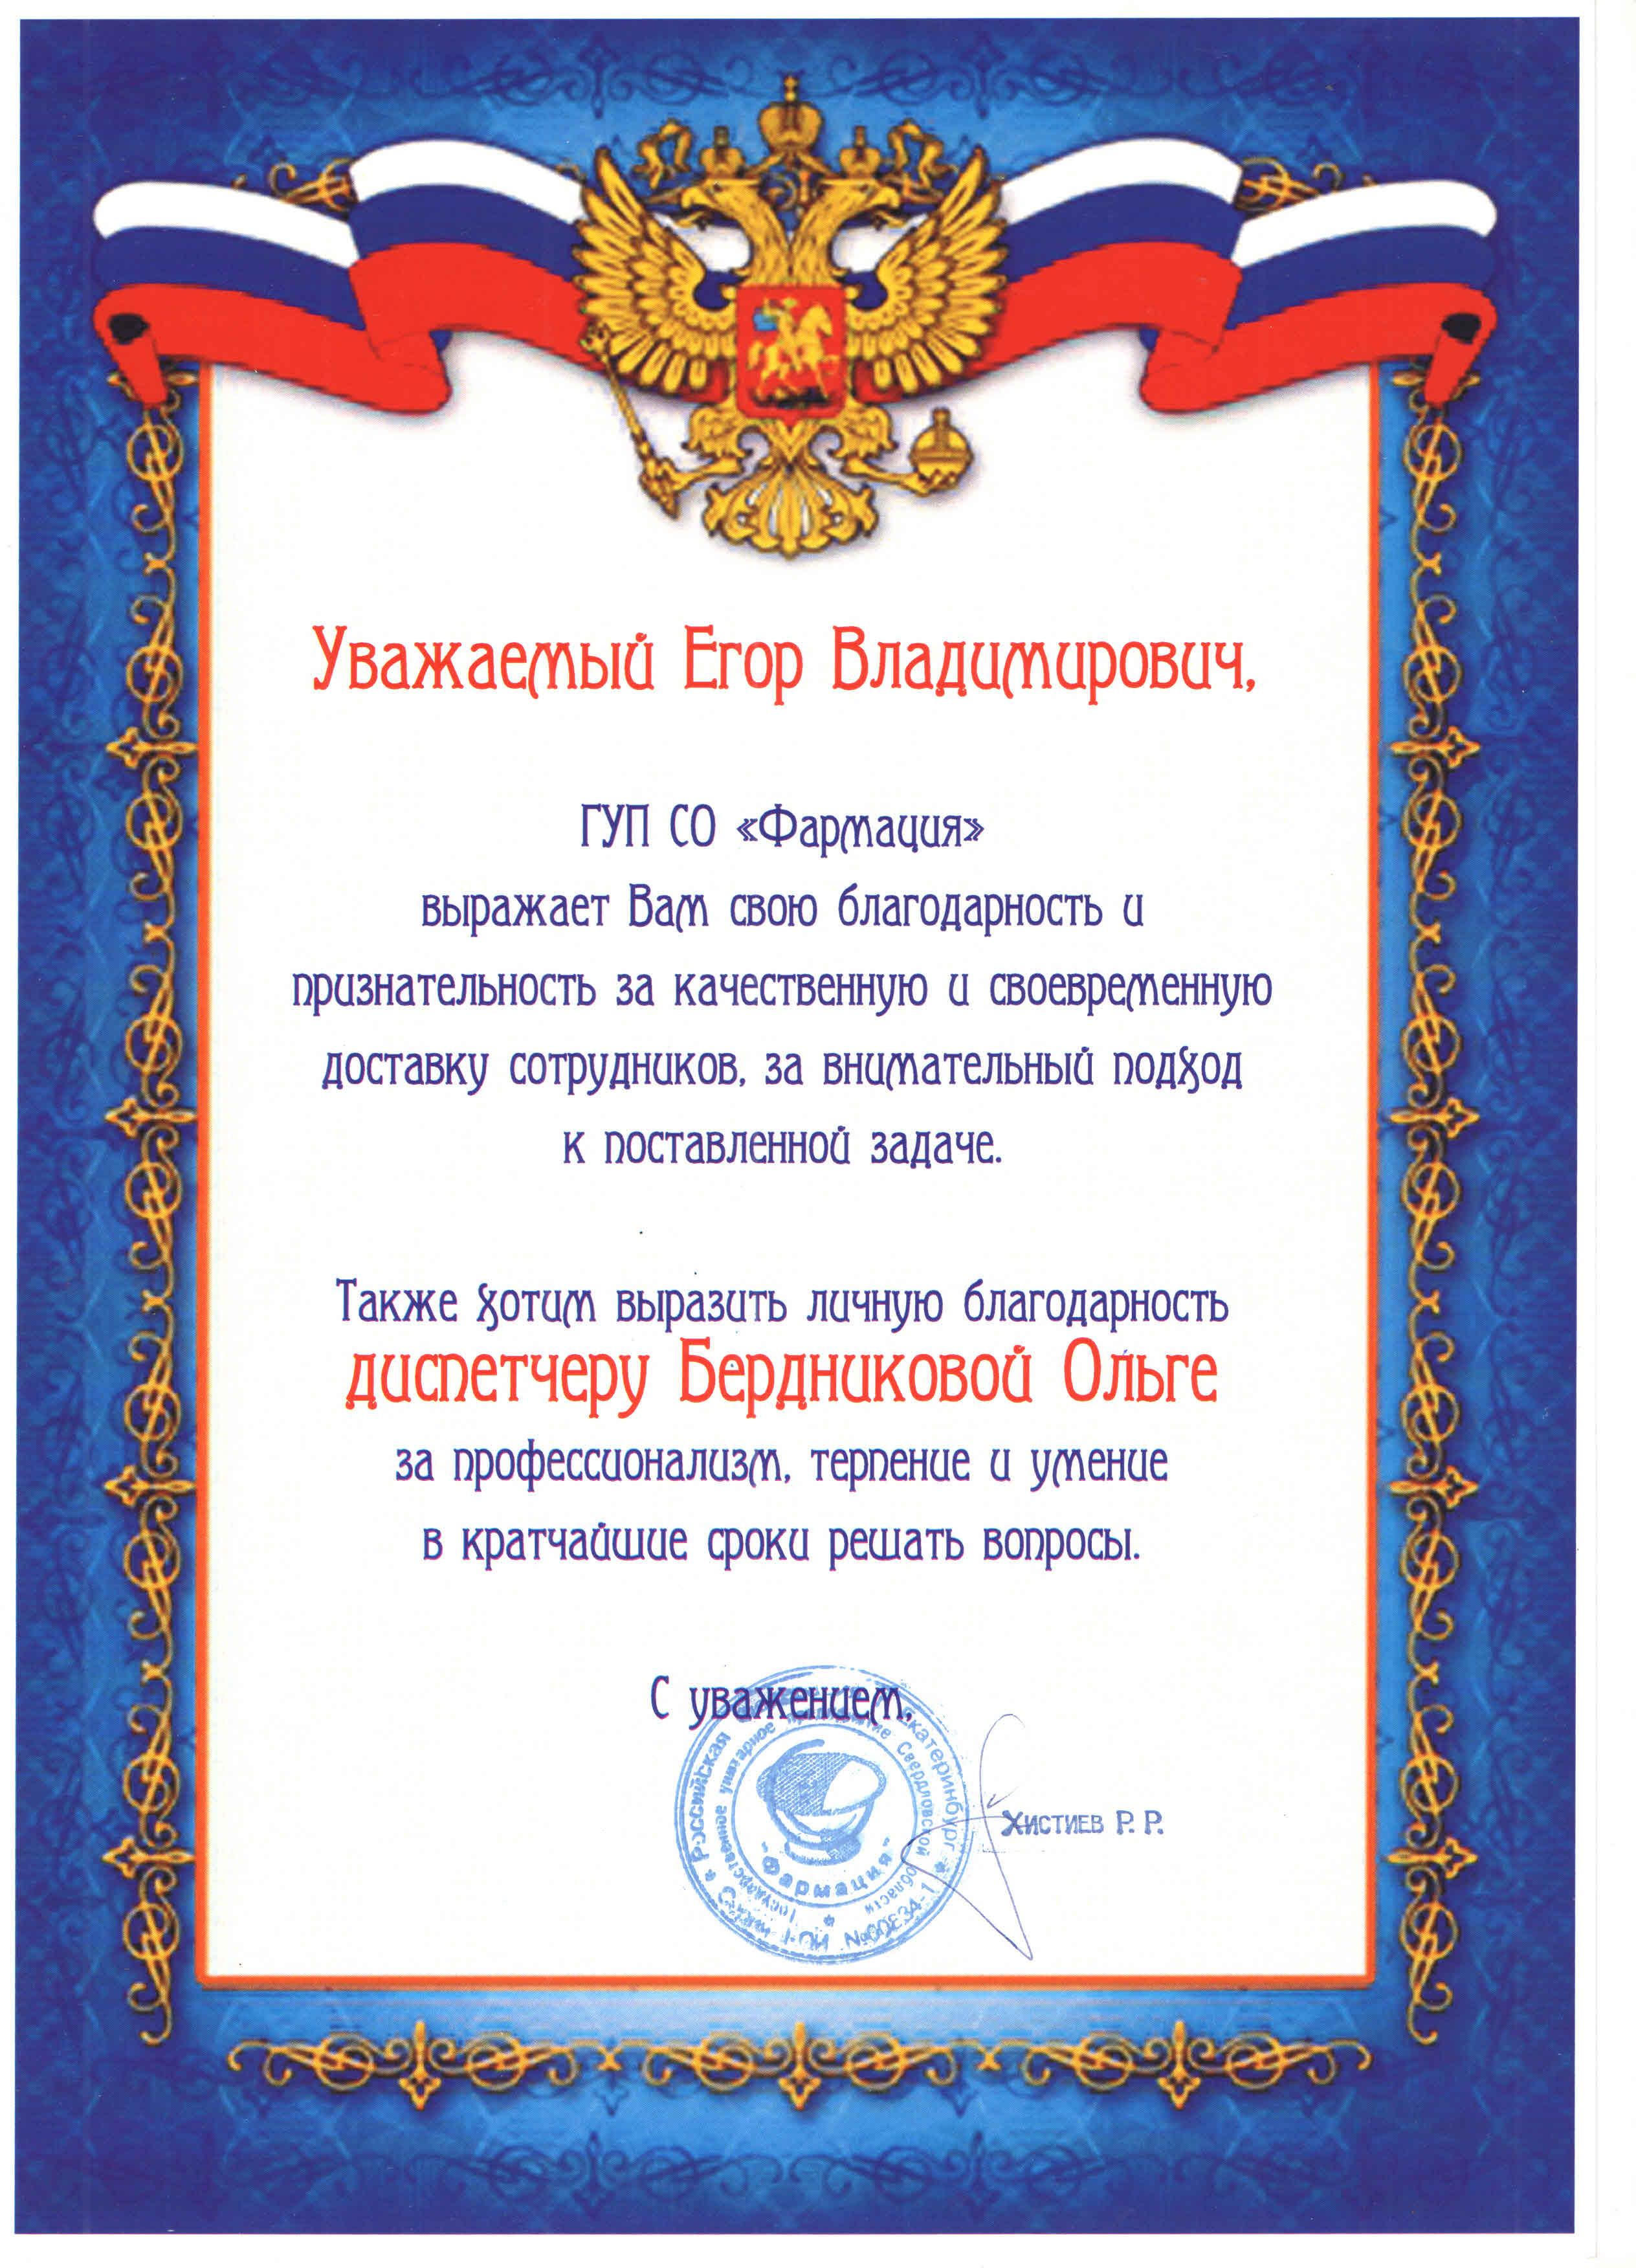 Благодарственное Письмо - ГУП СО Фармация